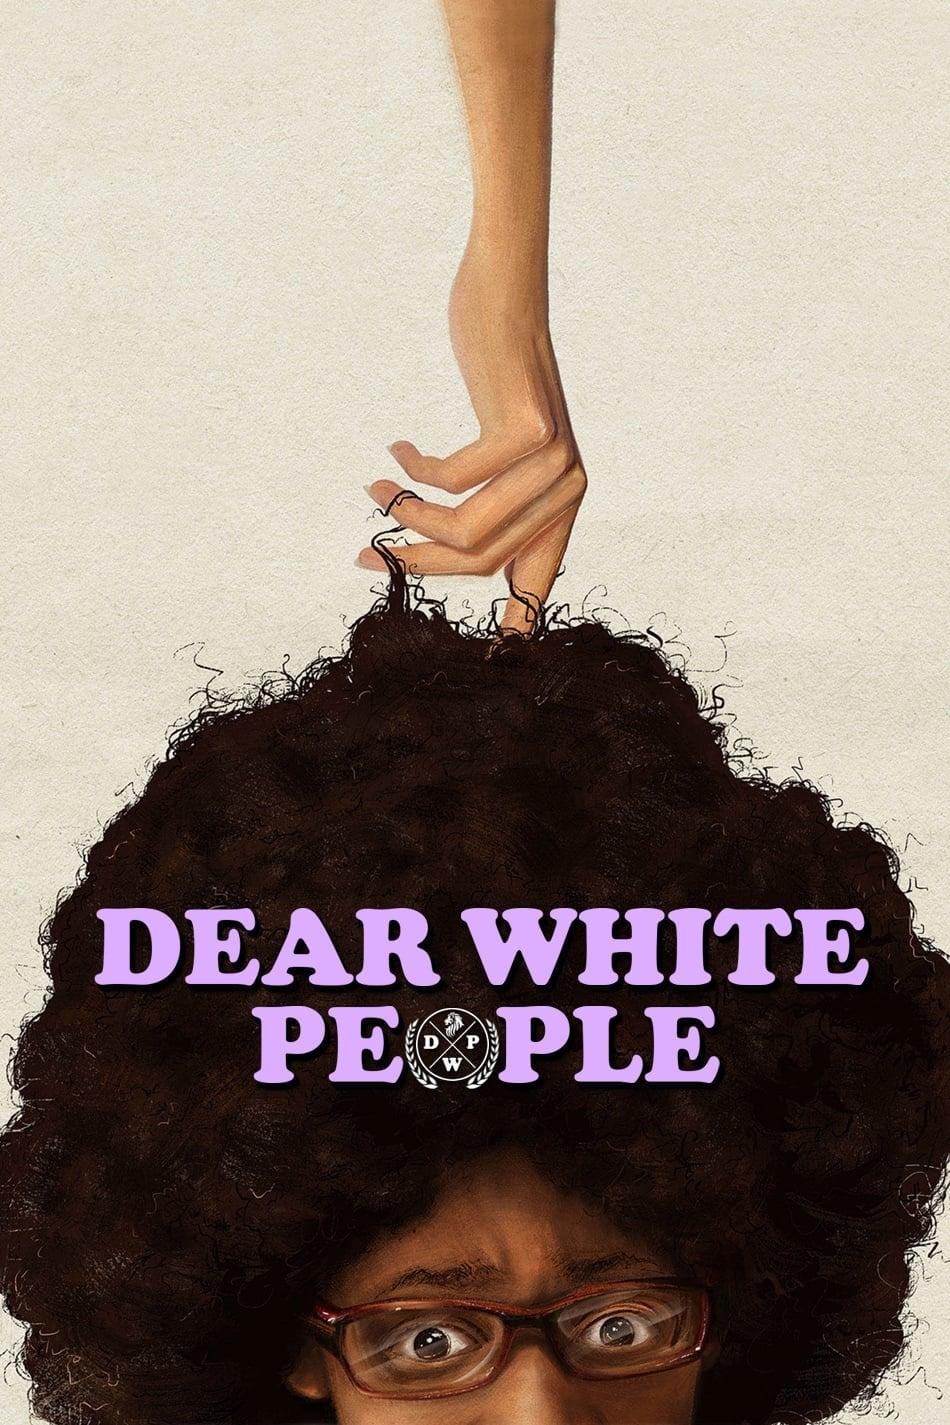 Dear White People - 2015